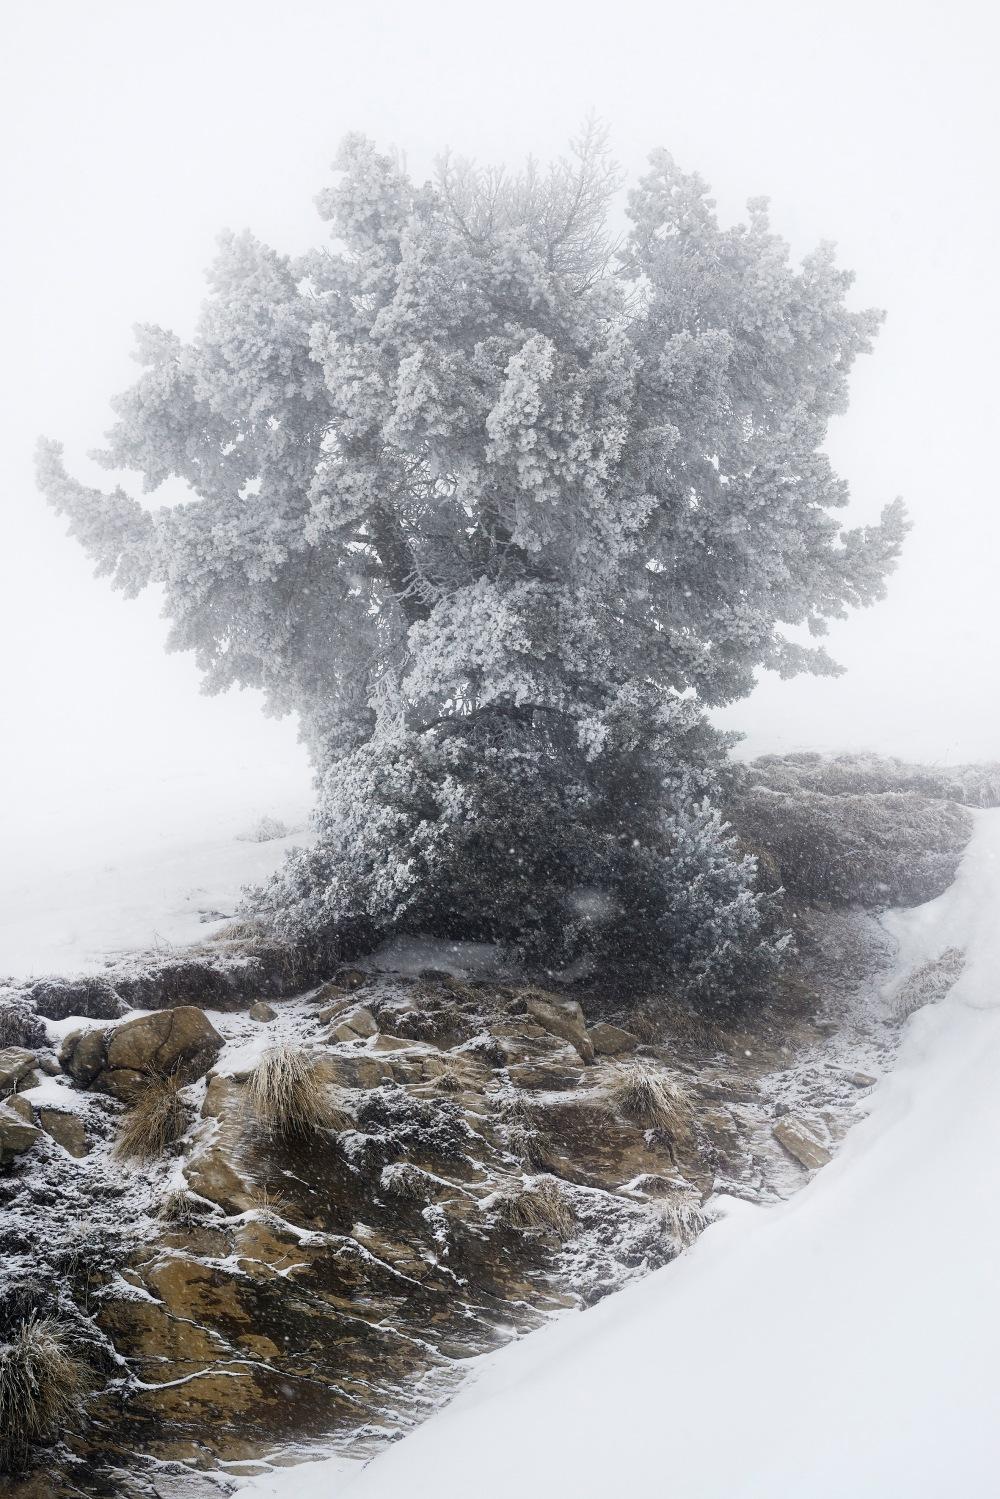 ┬® Eric Bourret - Oisans fev 2015 - 189